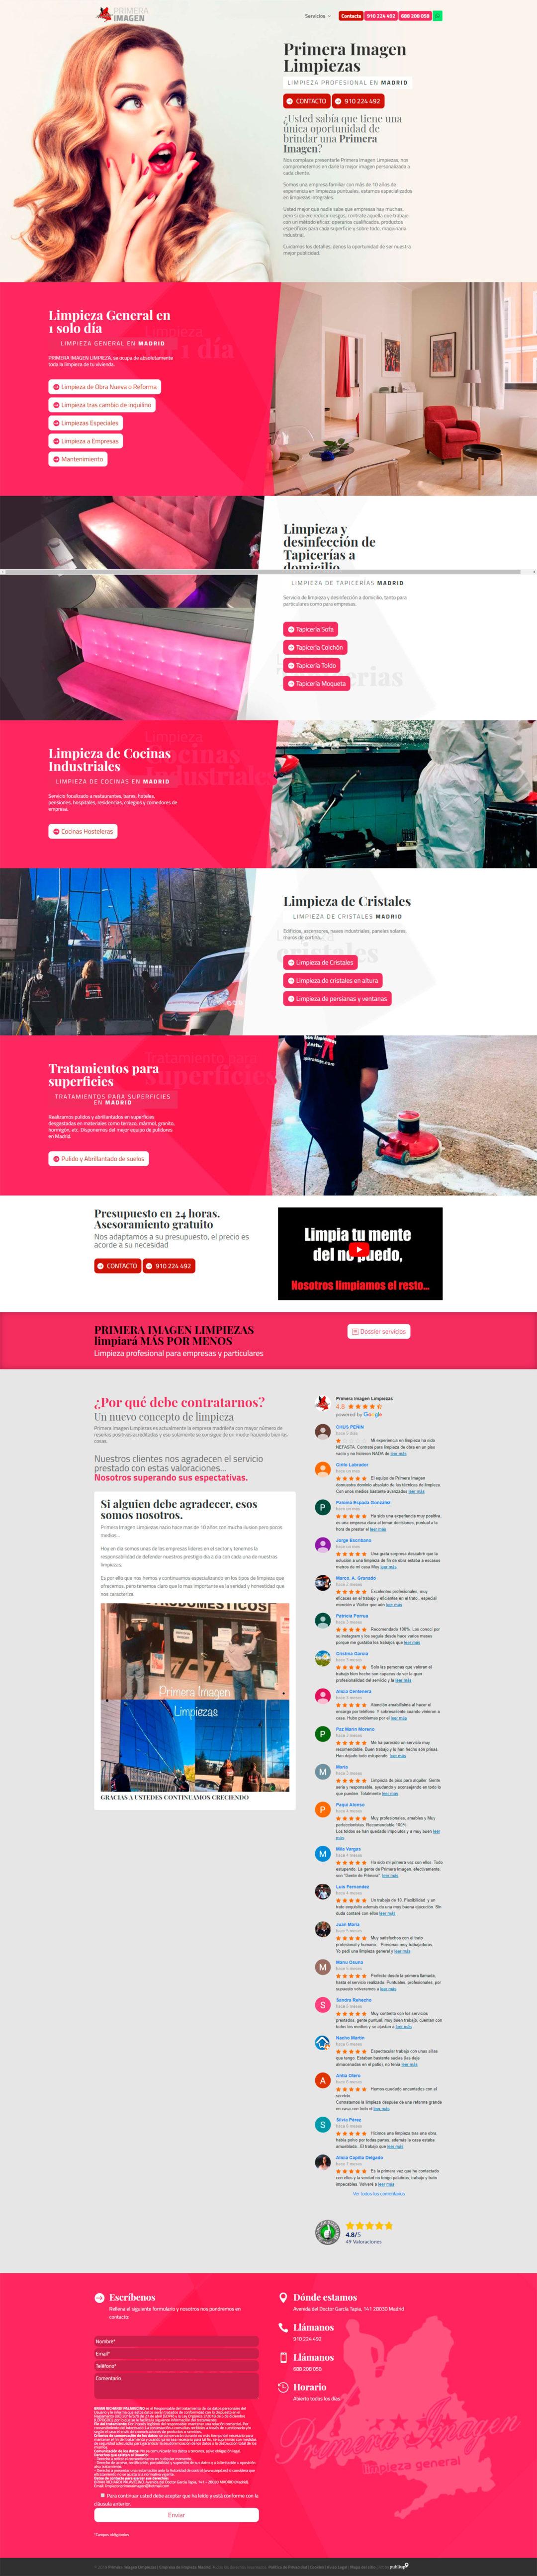 Diseño Web: Primera Imagen Limpiezas